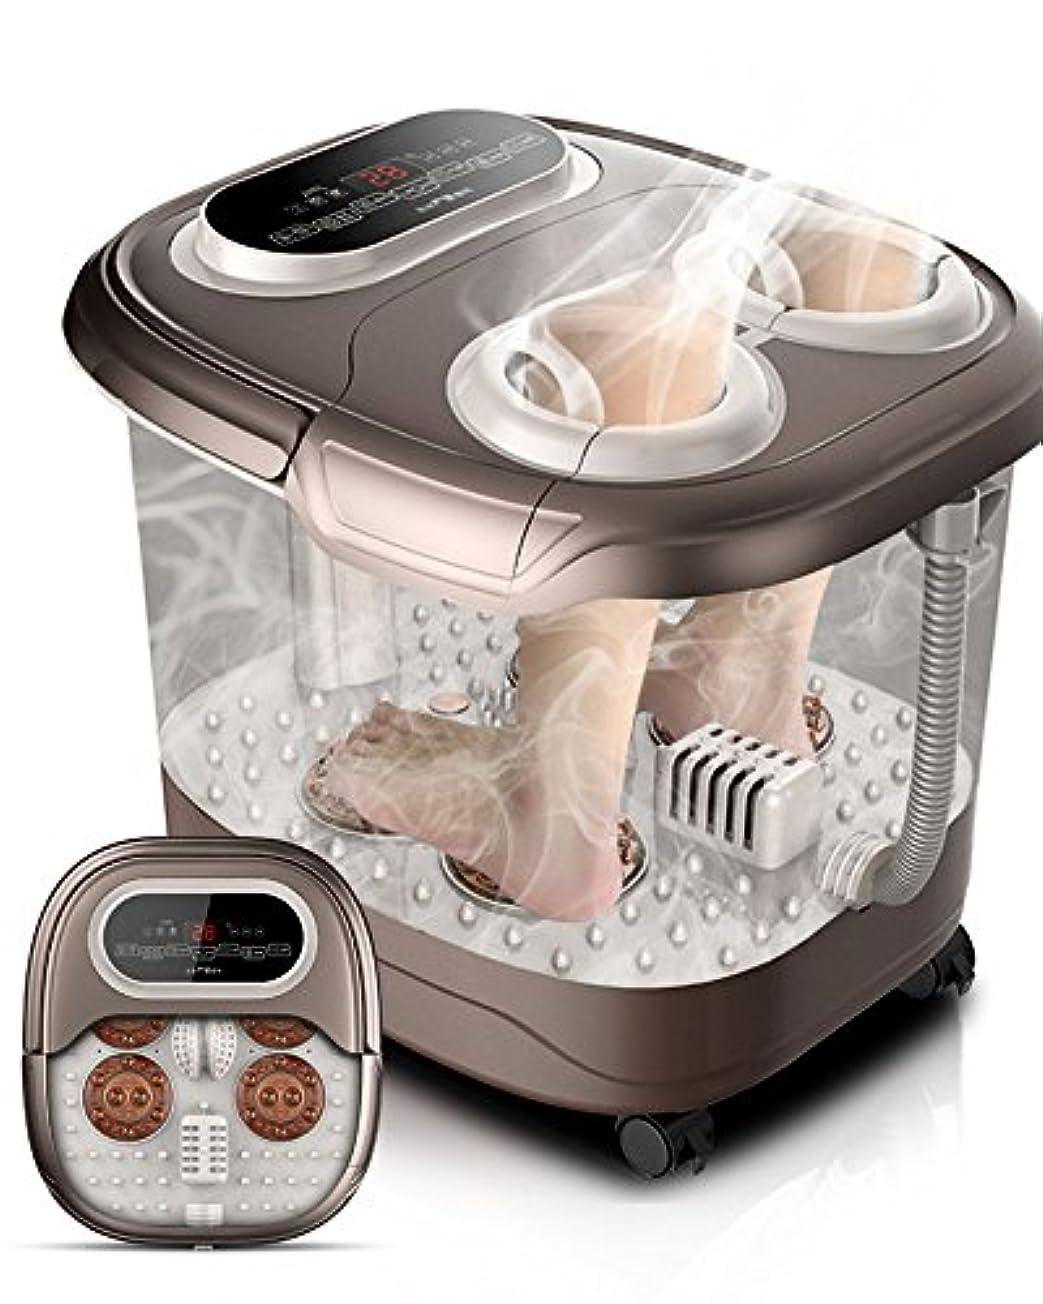 感嘆符基本的な反対するZHANGRONG- 足浴槽 自動 フットバス 電動マッサージ 加熱 フットバス 足浴槽 フットマッサージ機 家庭 一定温度